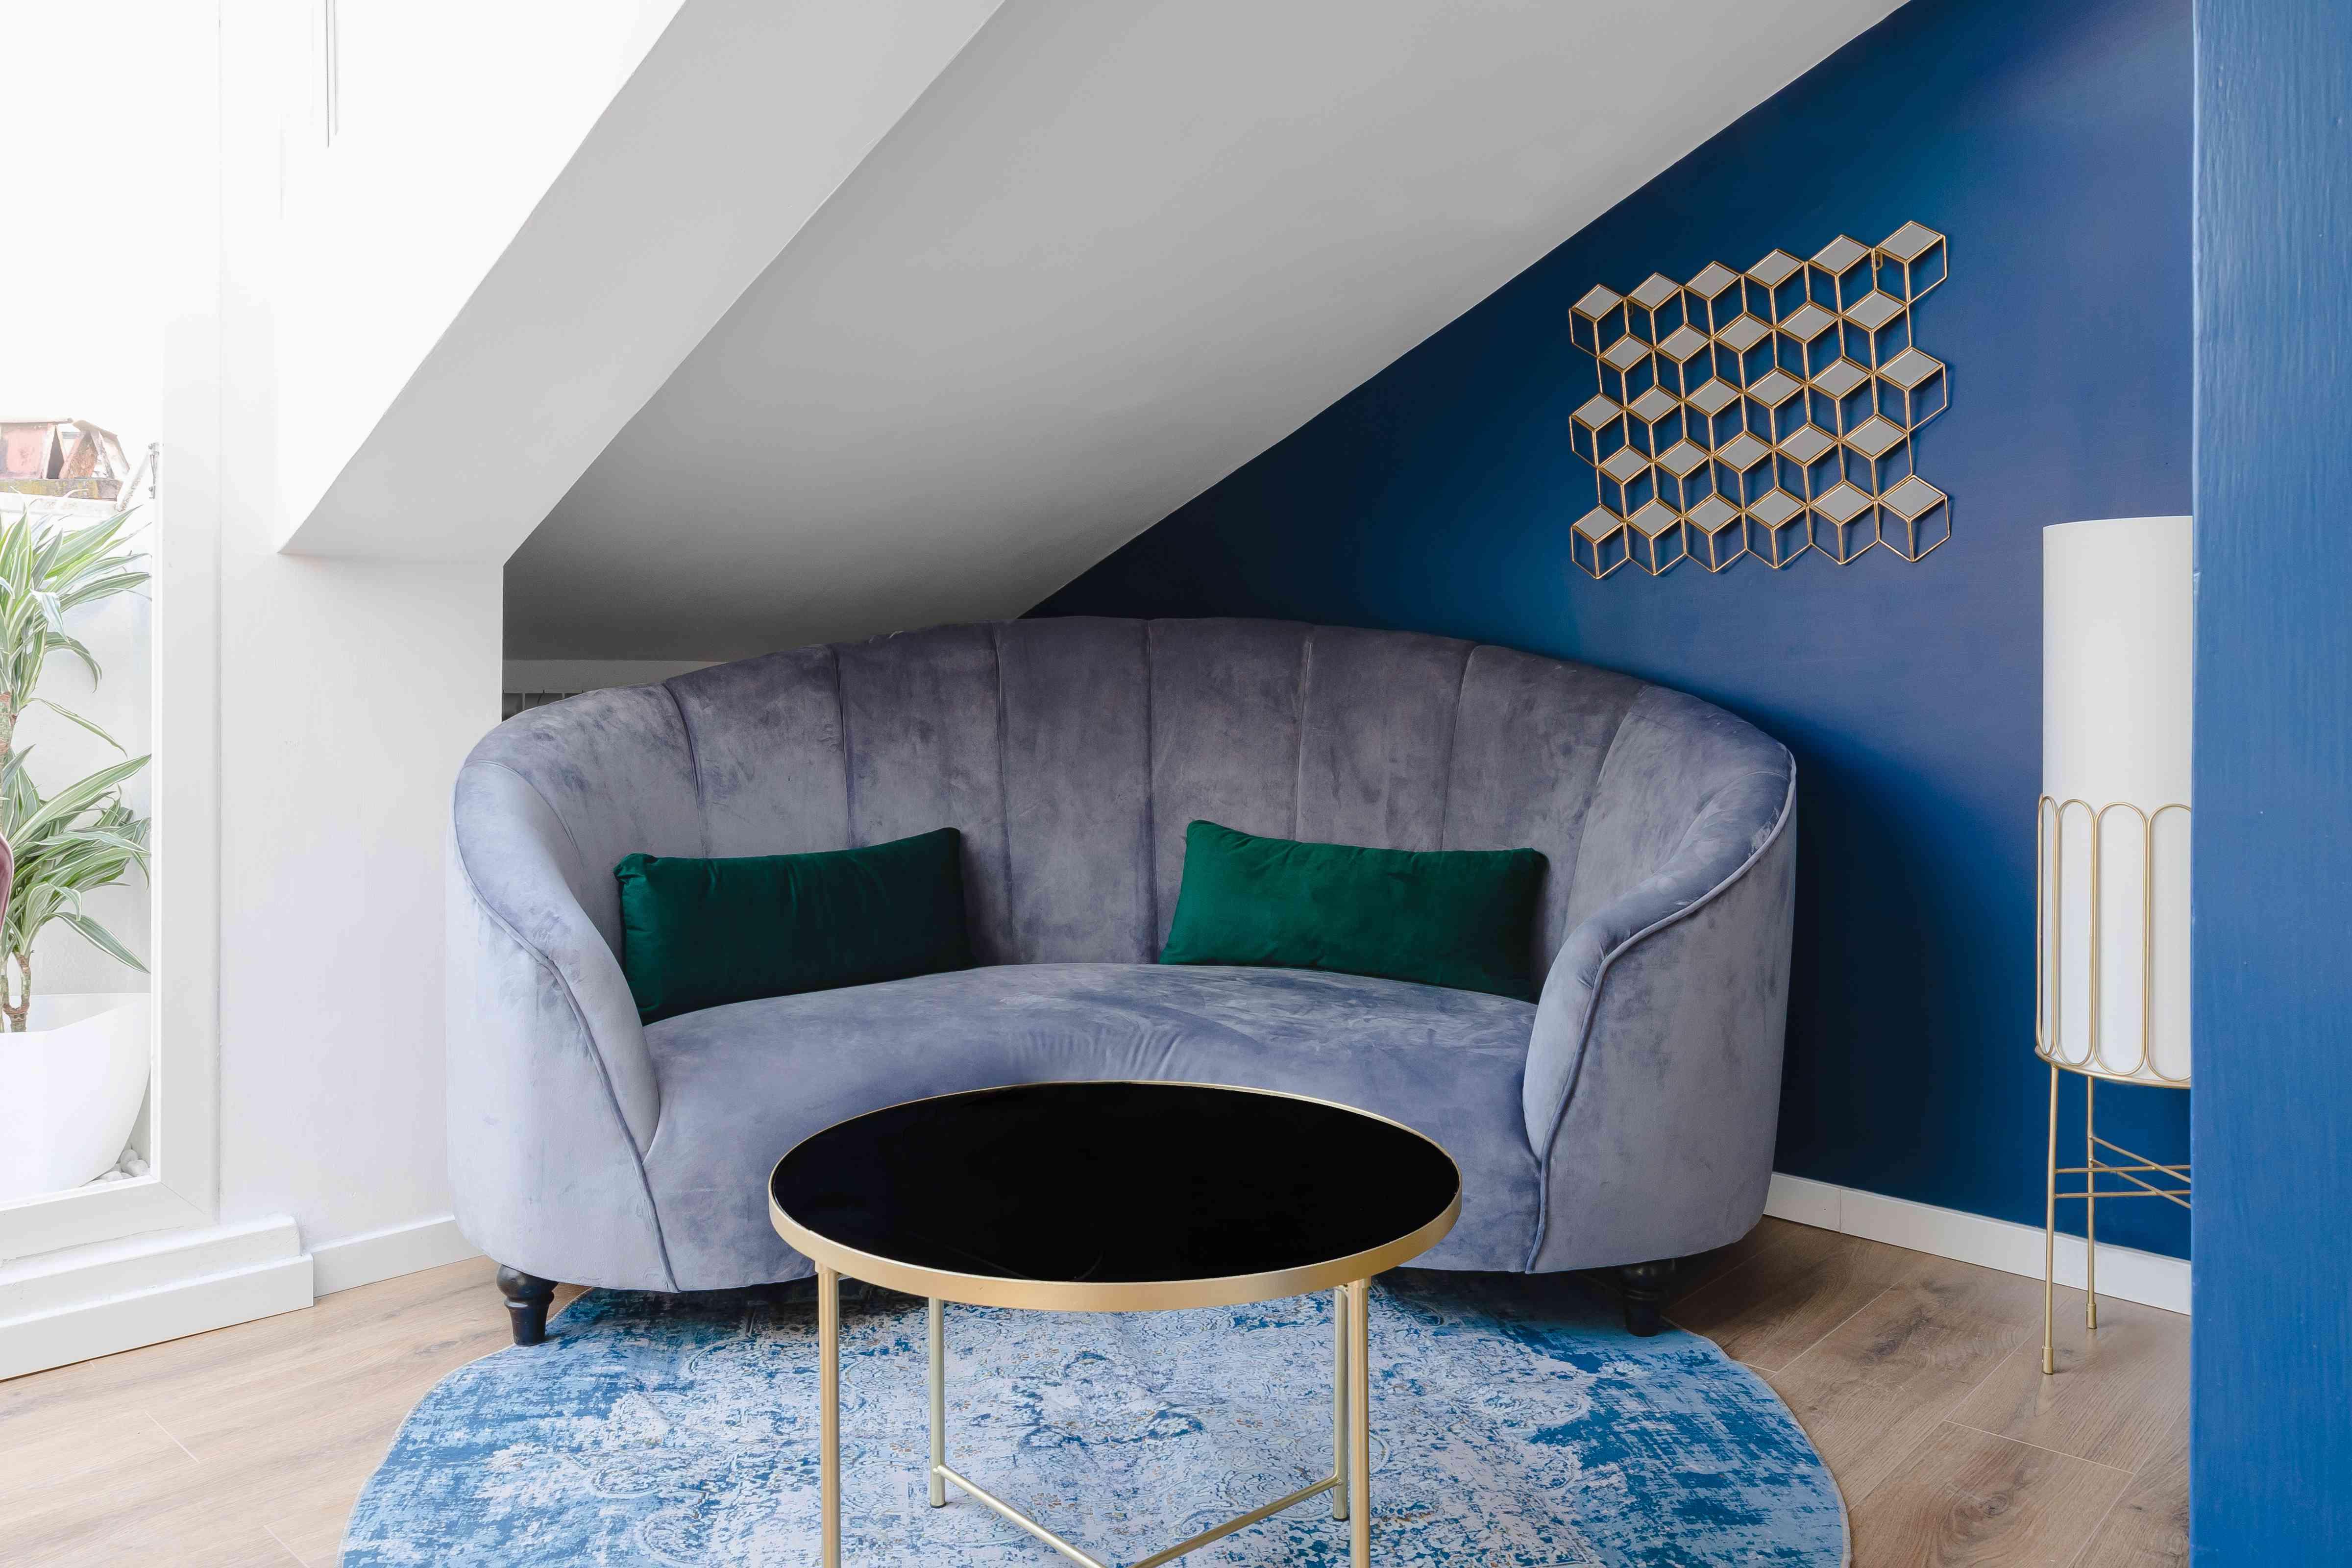 velvet sofa with gold-rimmed decor